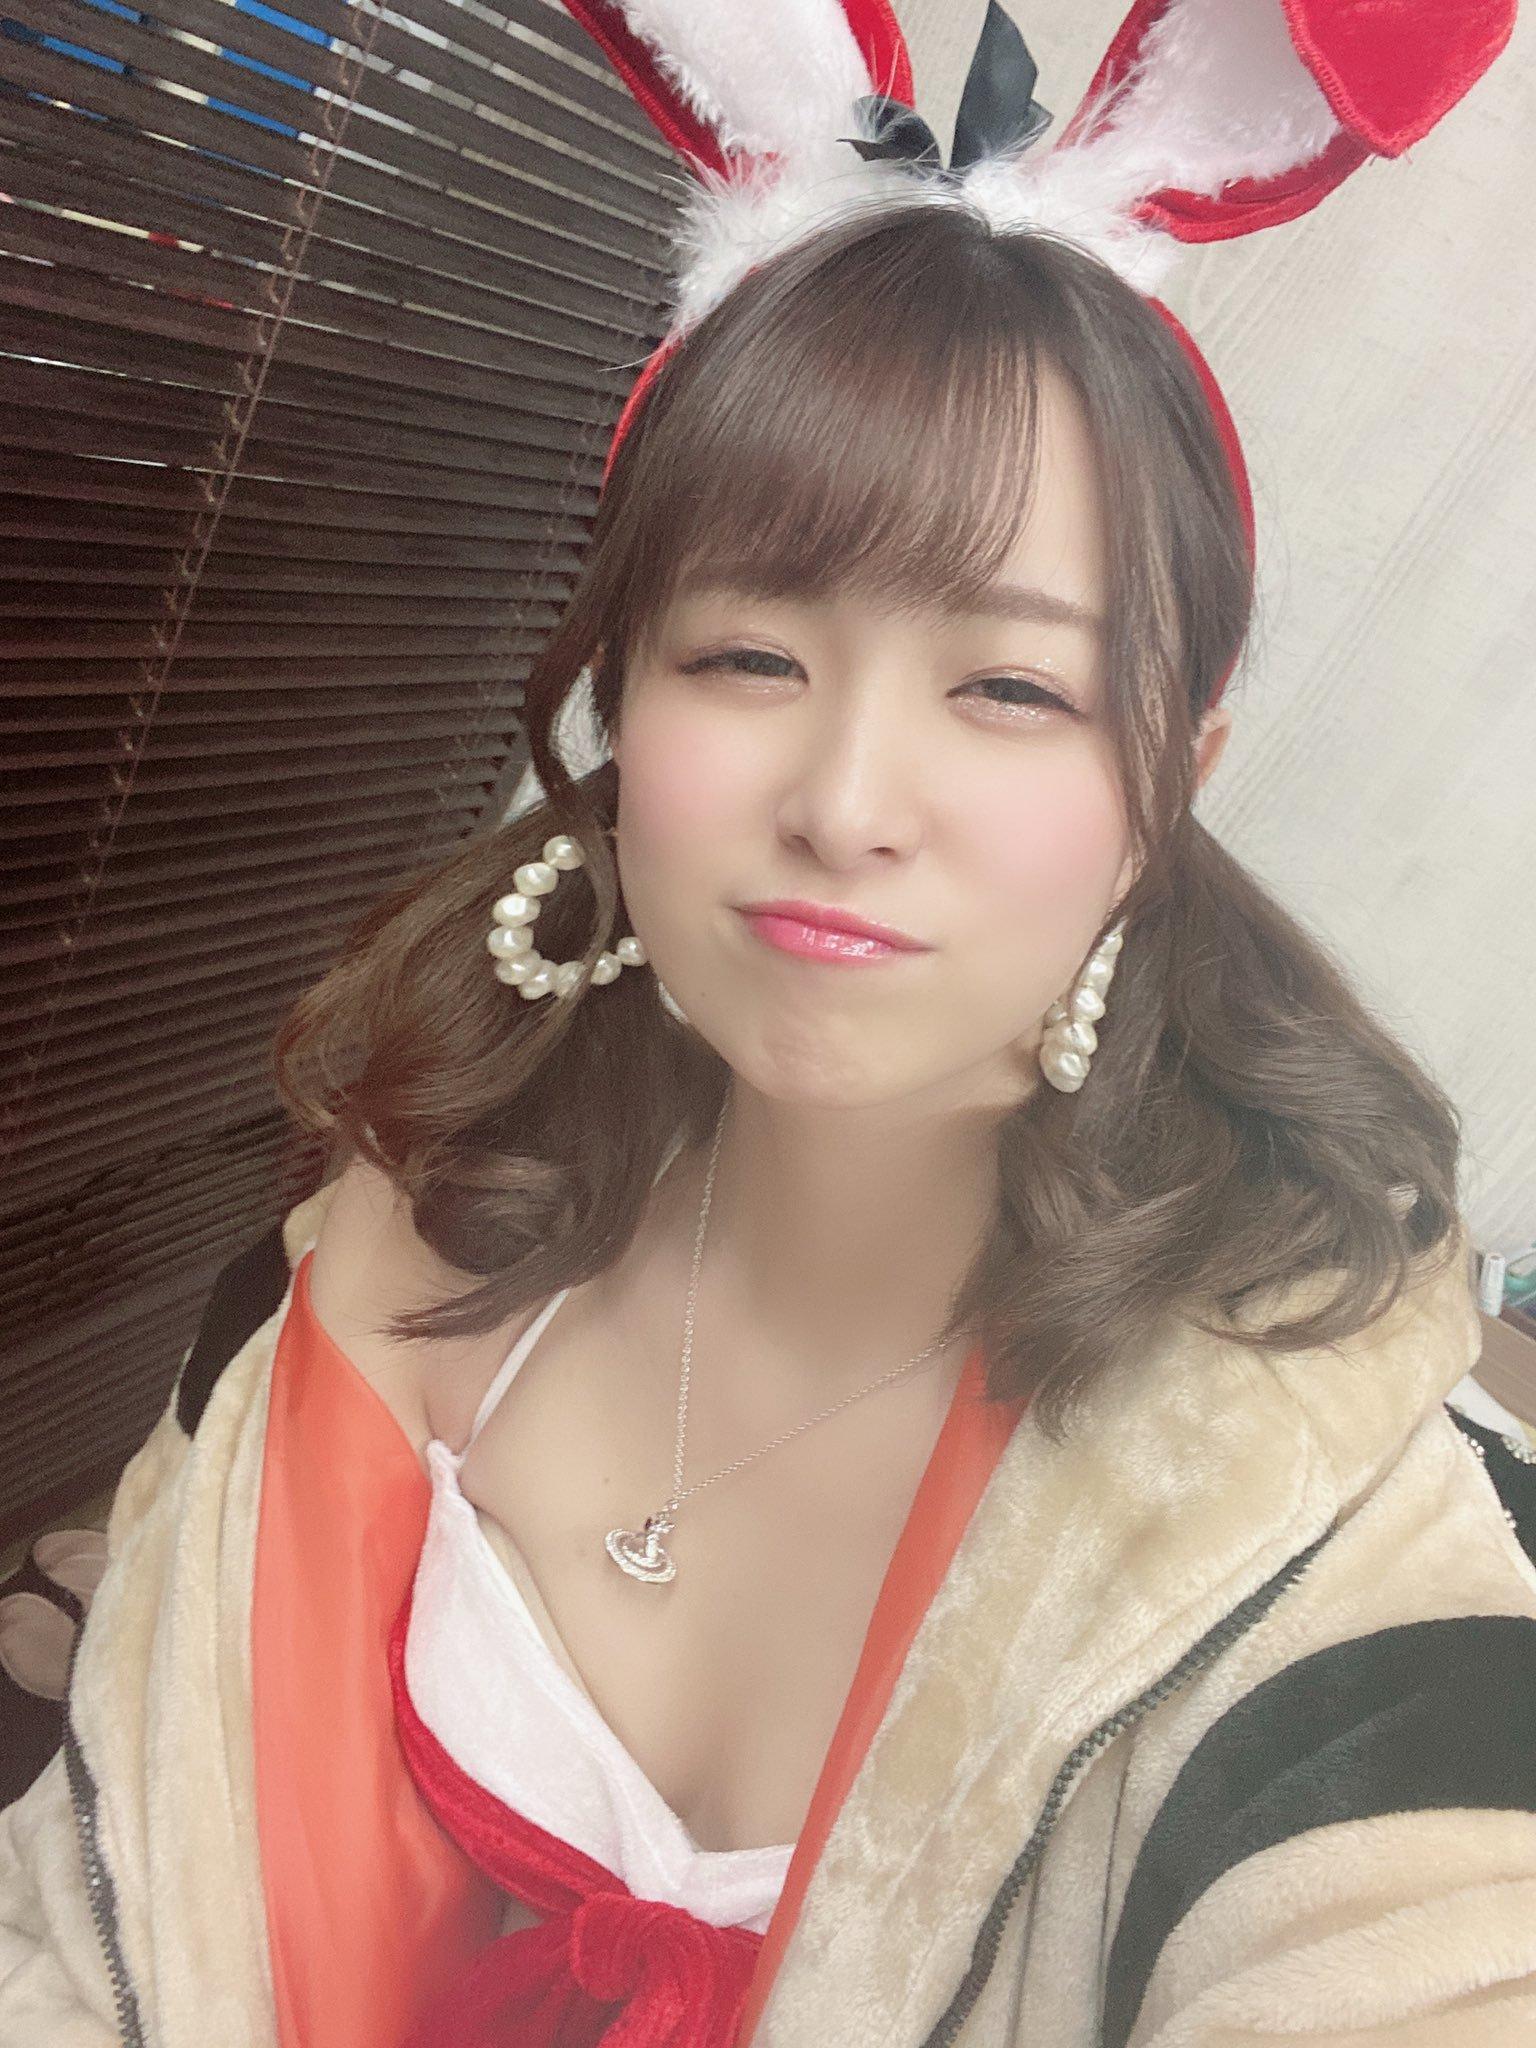 hikari_ninoheee 1250088835083407362_p1